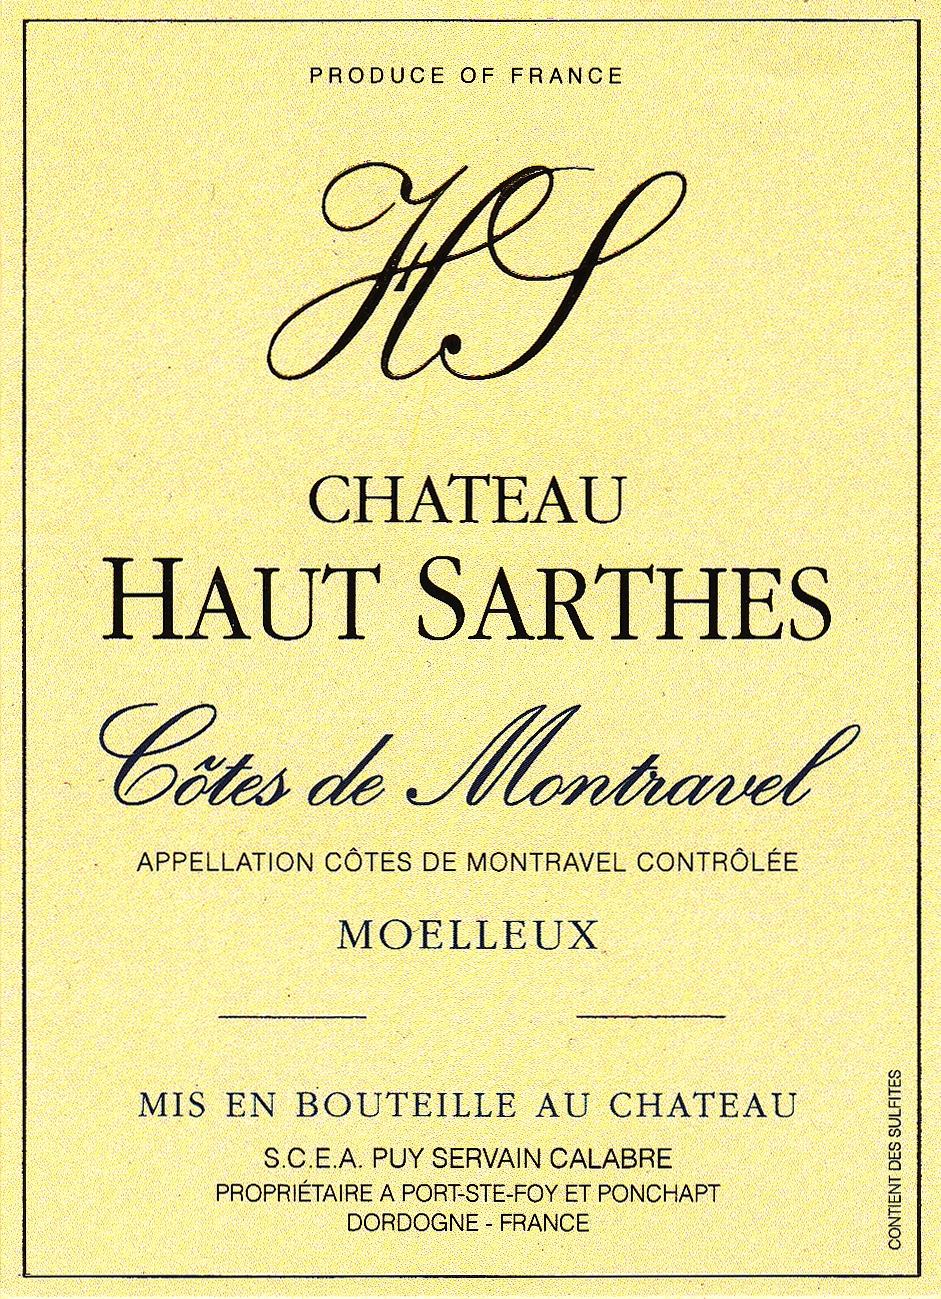 Château Haut-Sarthes Côtes de Montravel